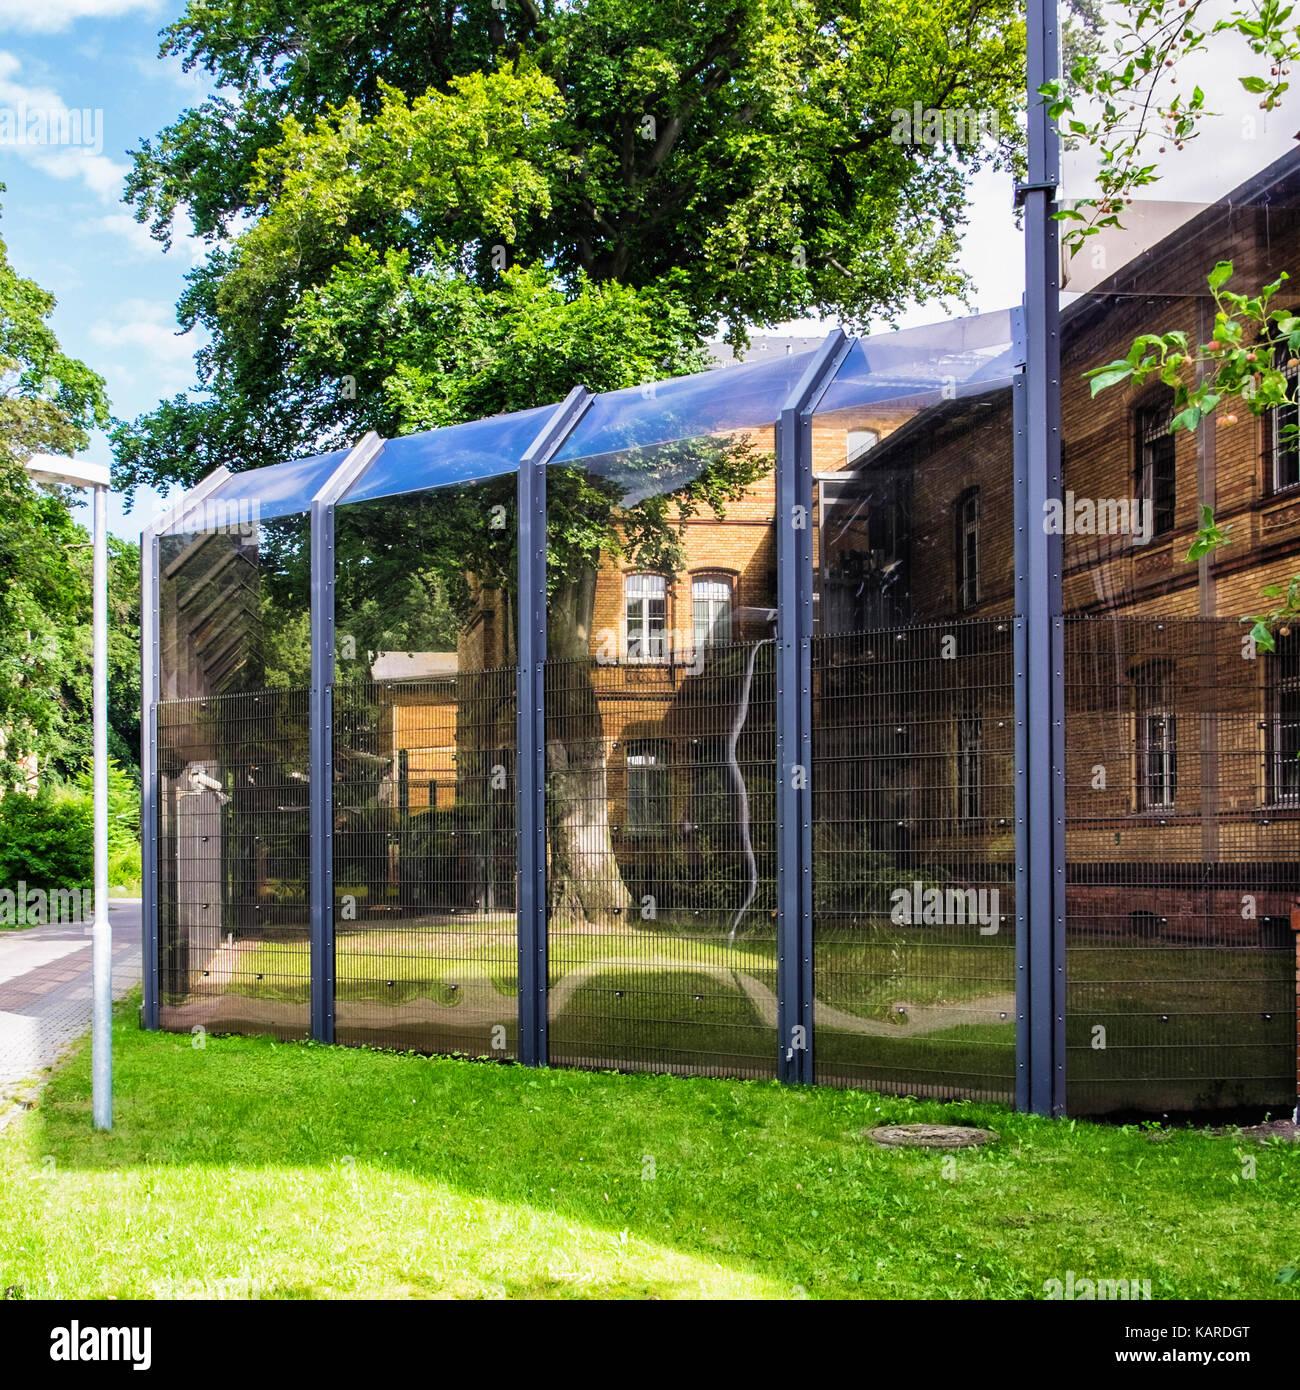 Berlin Karl-Bonhoeffer-Nervenklinik psychiatrischen Krankenhaus KMV-forensische Abteilung sichere gefangenenlager. Stockbild